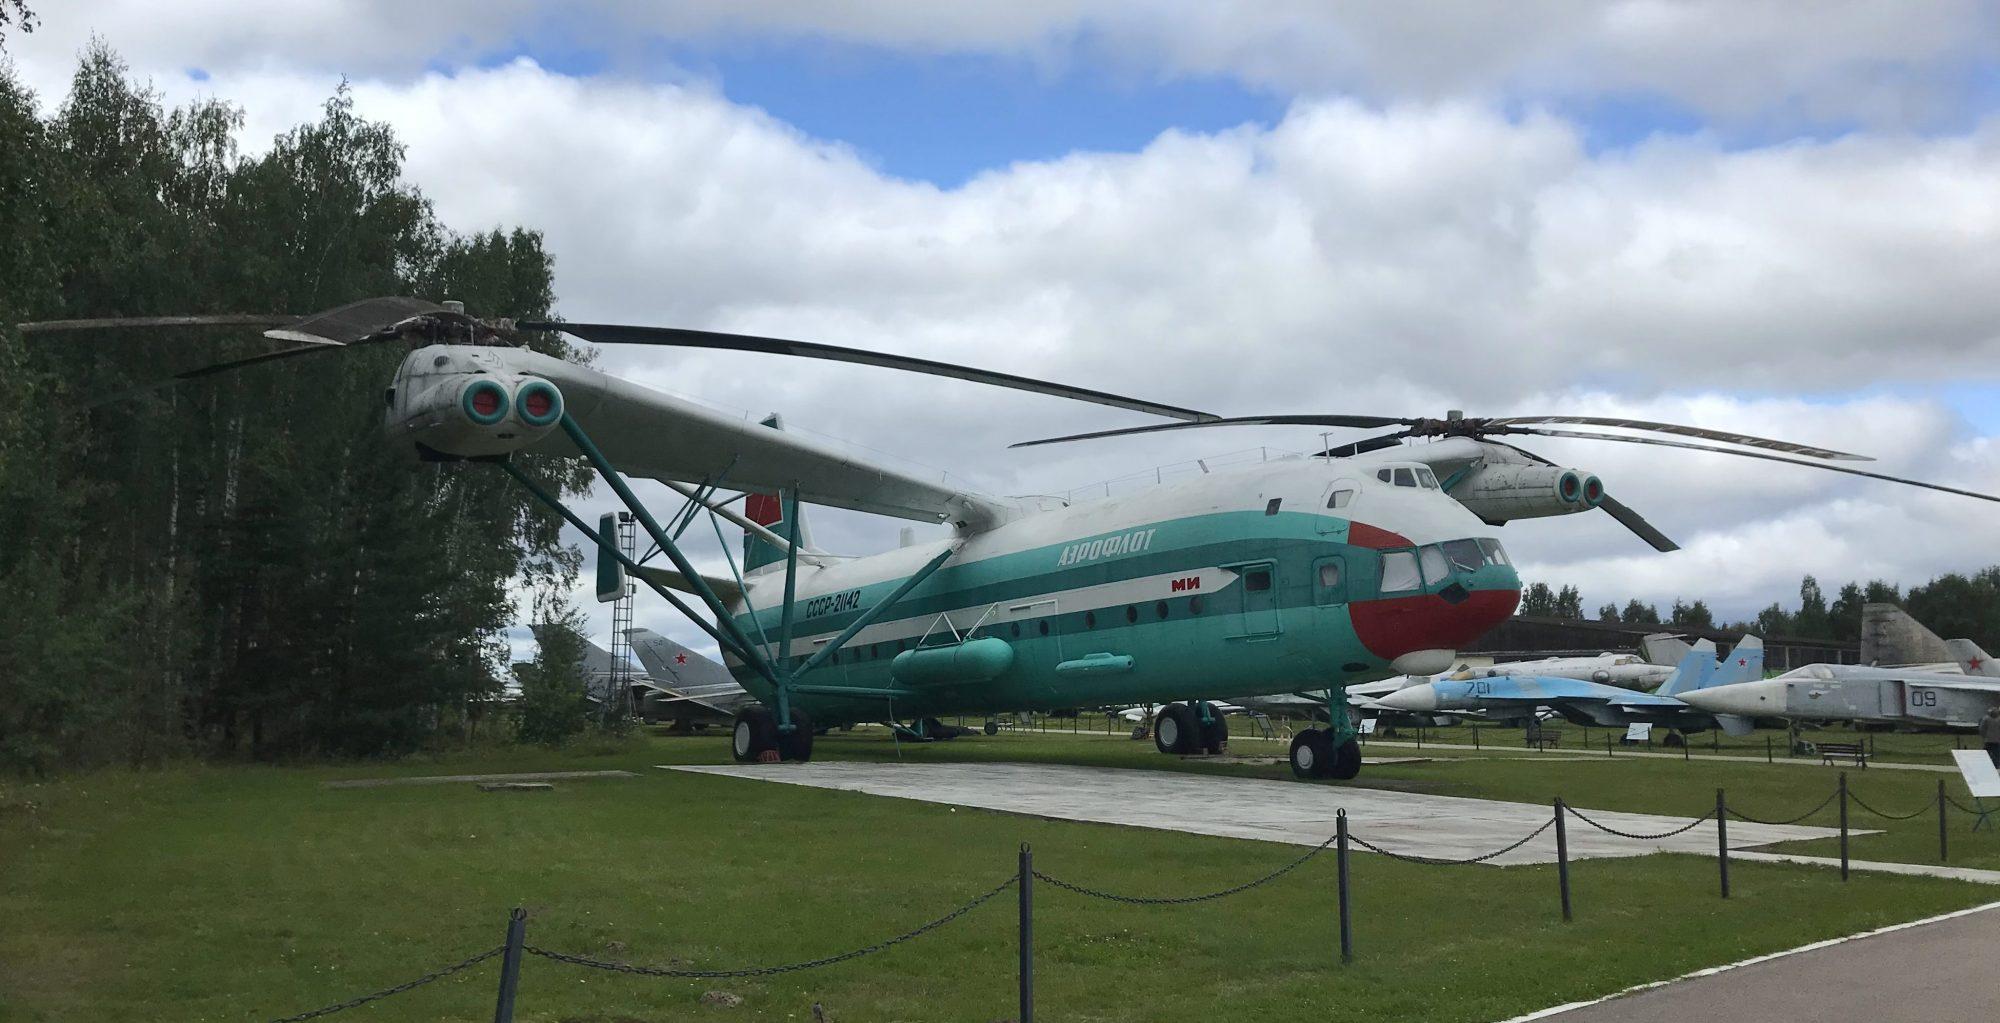 Mil V-12 helicopter